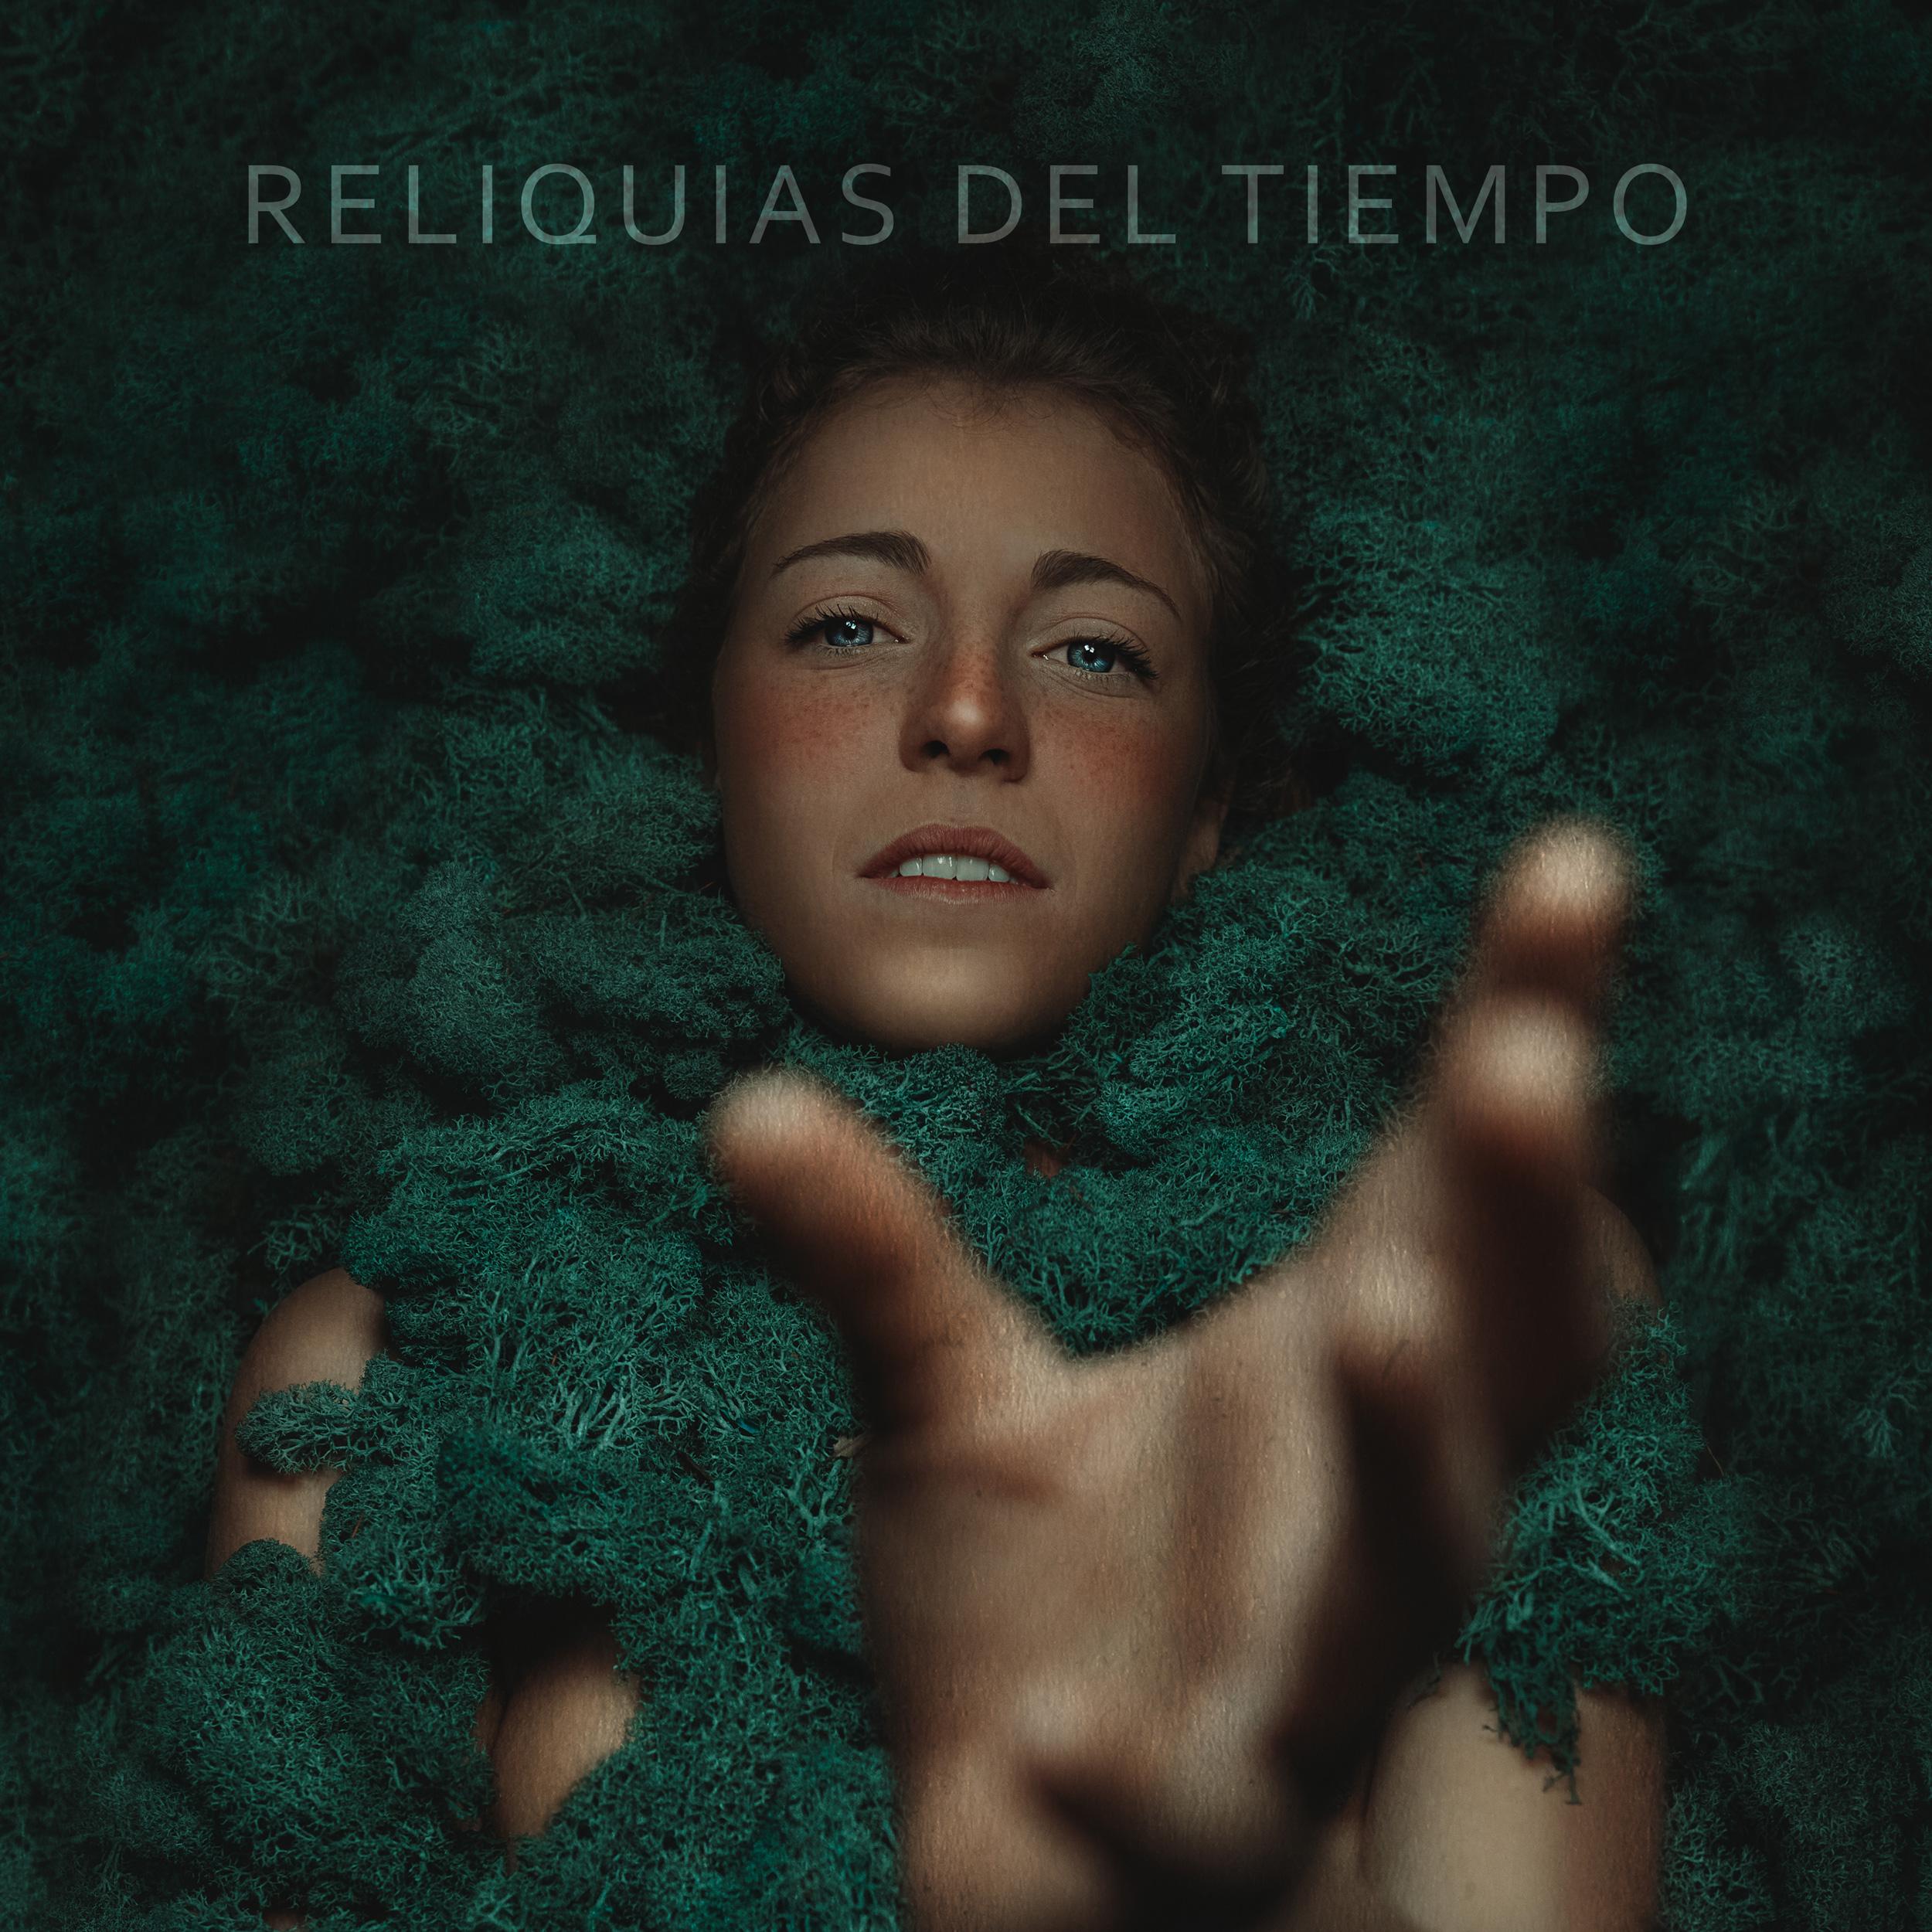 RELIQUIAS-DEL-TIEMPO